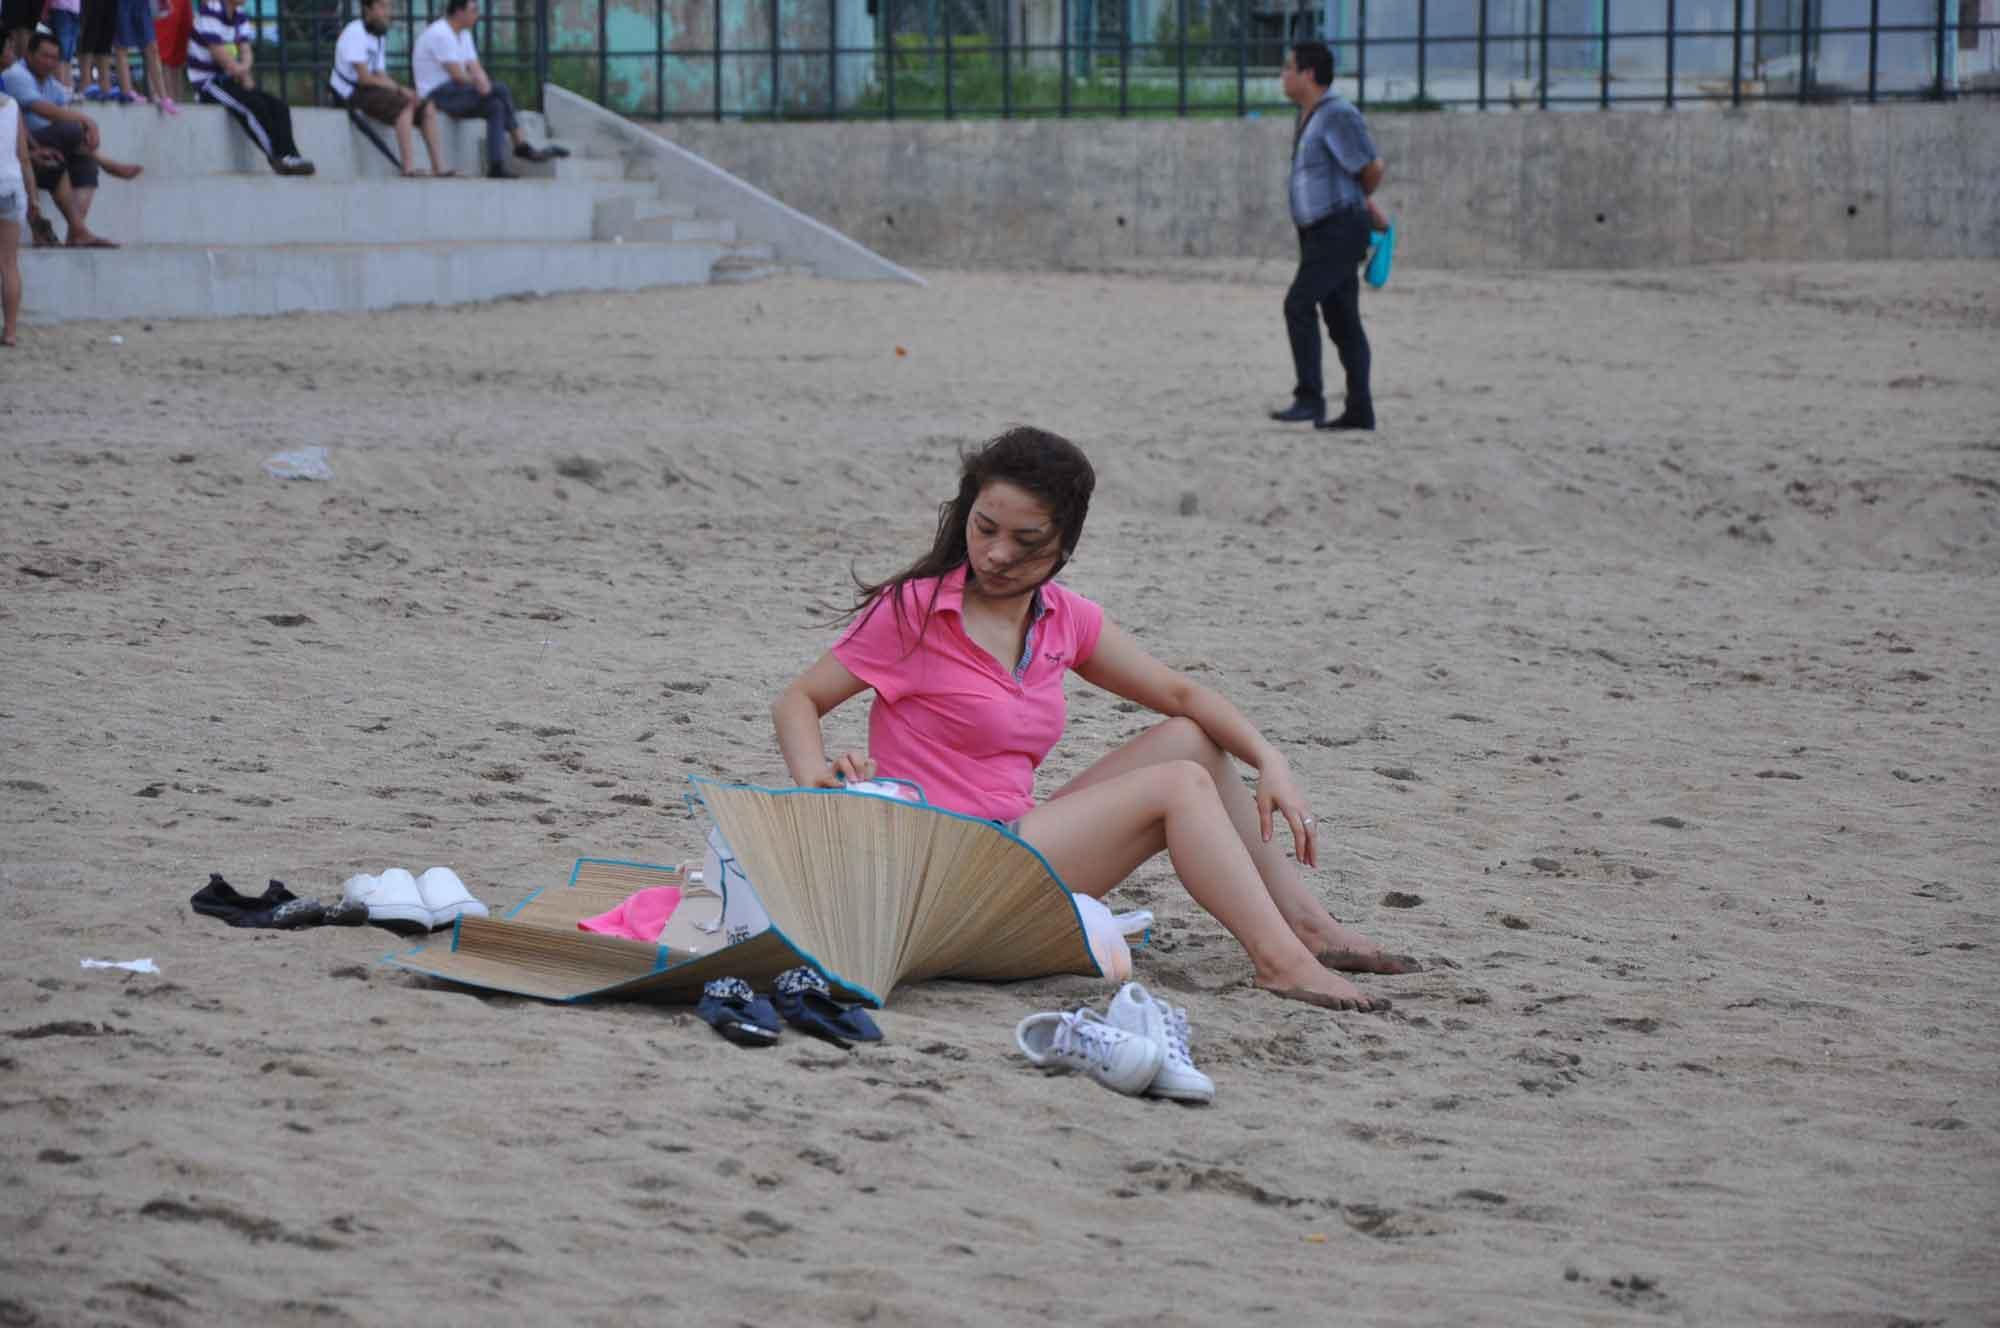 Hac Sa Beach Macau one girl in red